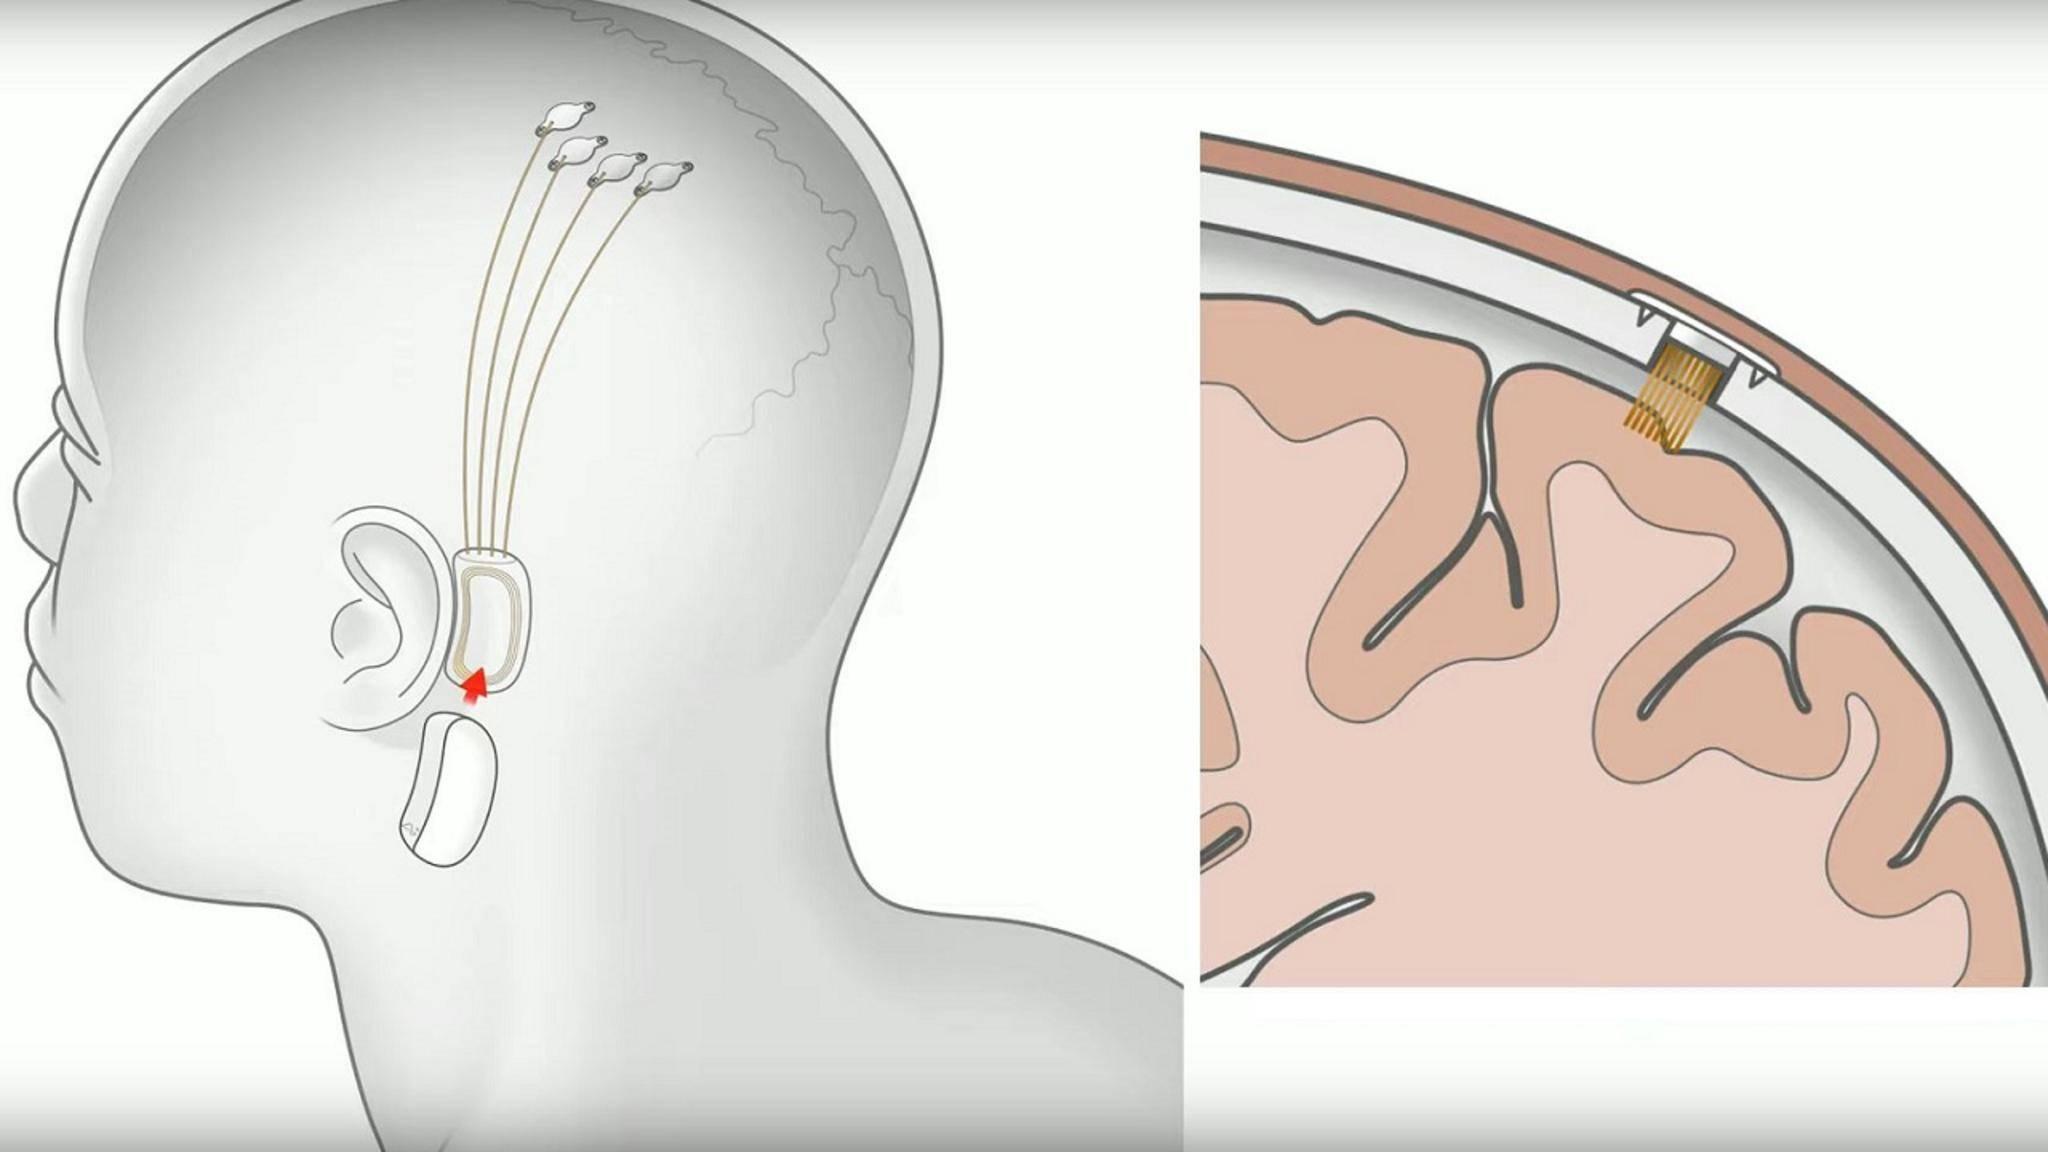 N1-Implantat mit Sensor und Fäden